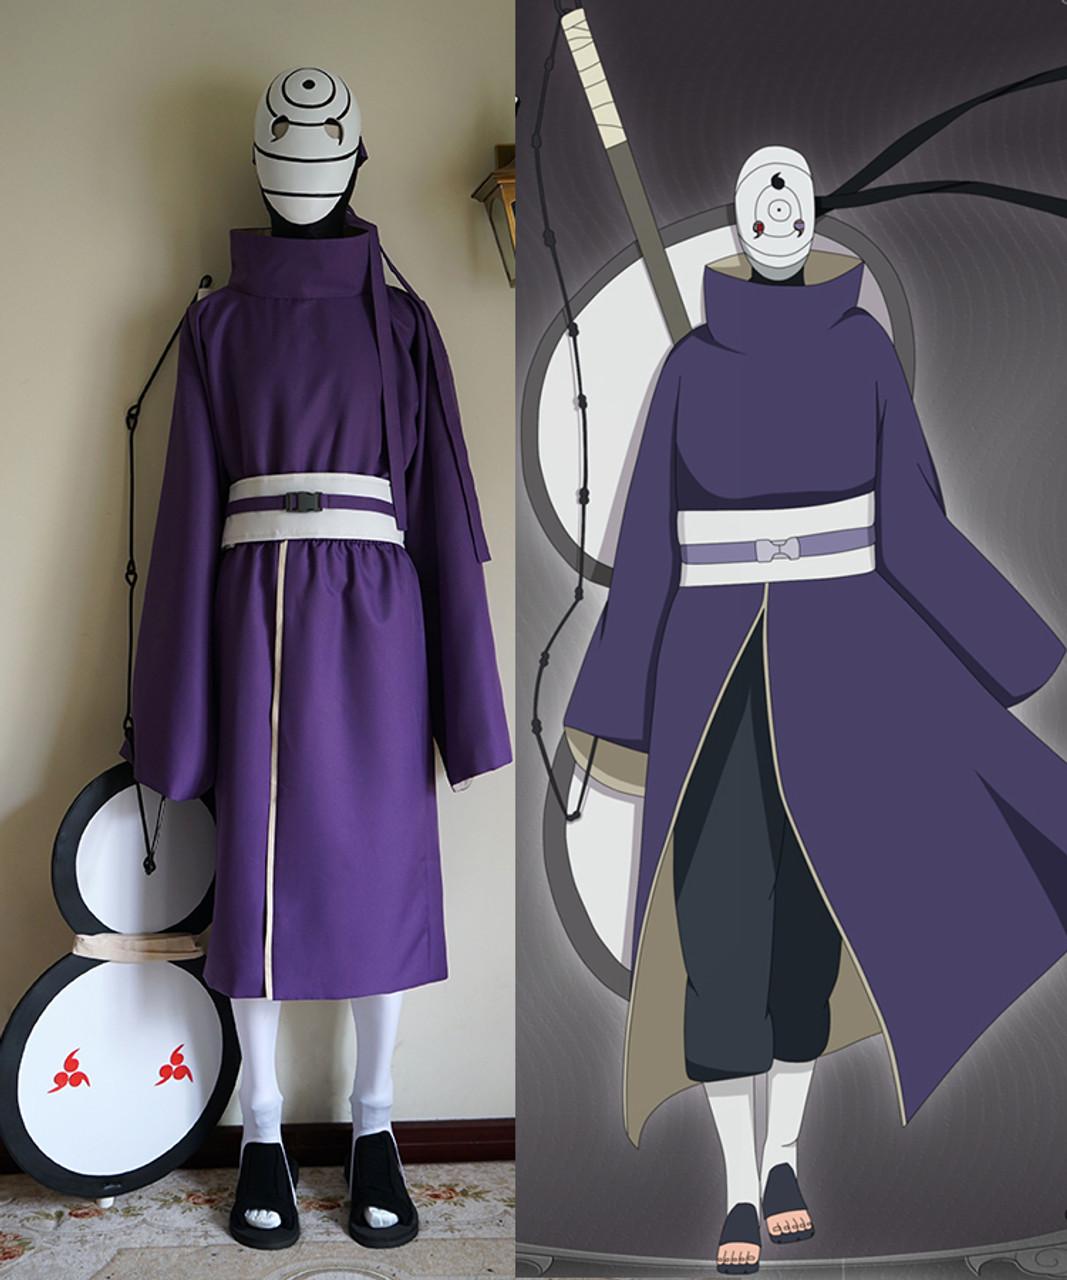 Naruto Cosplay Akatsuki Ninja Tobi Obito Madara Uchiha Costume Full Set